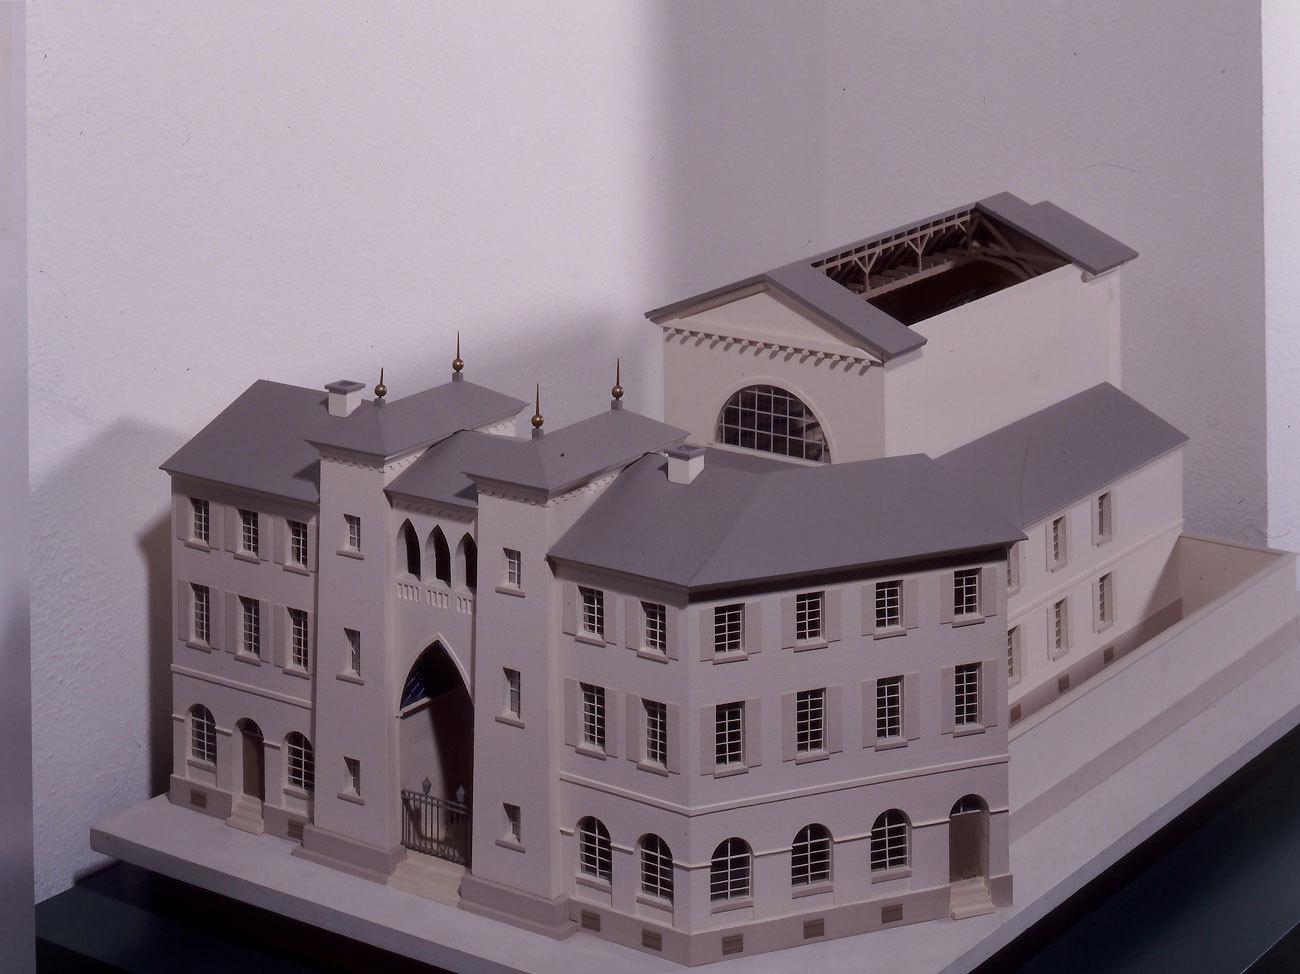 Modell der Synagoge der jüdischen Gemeinde im Karlsruher Stadtmuseum